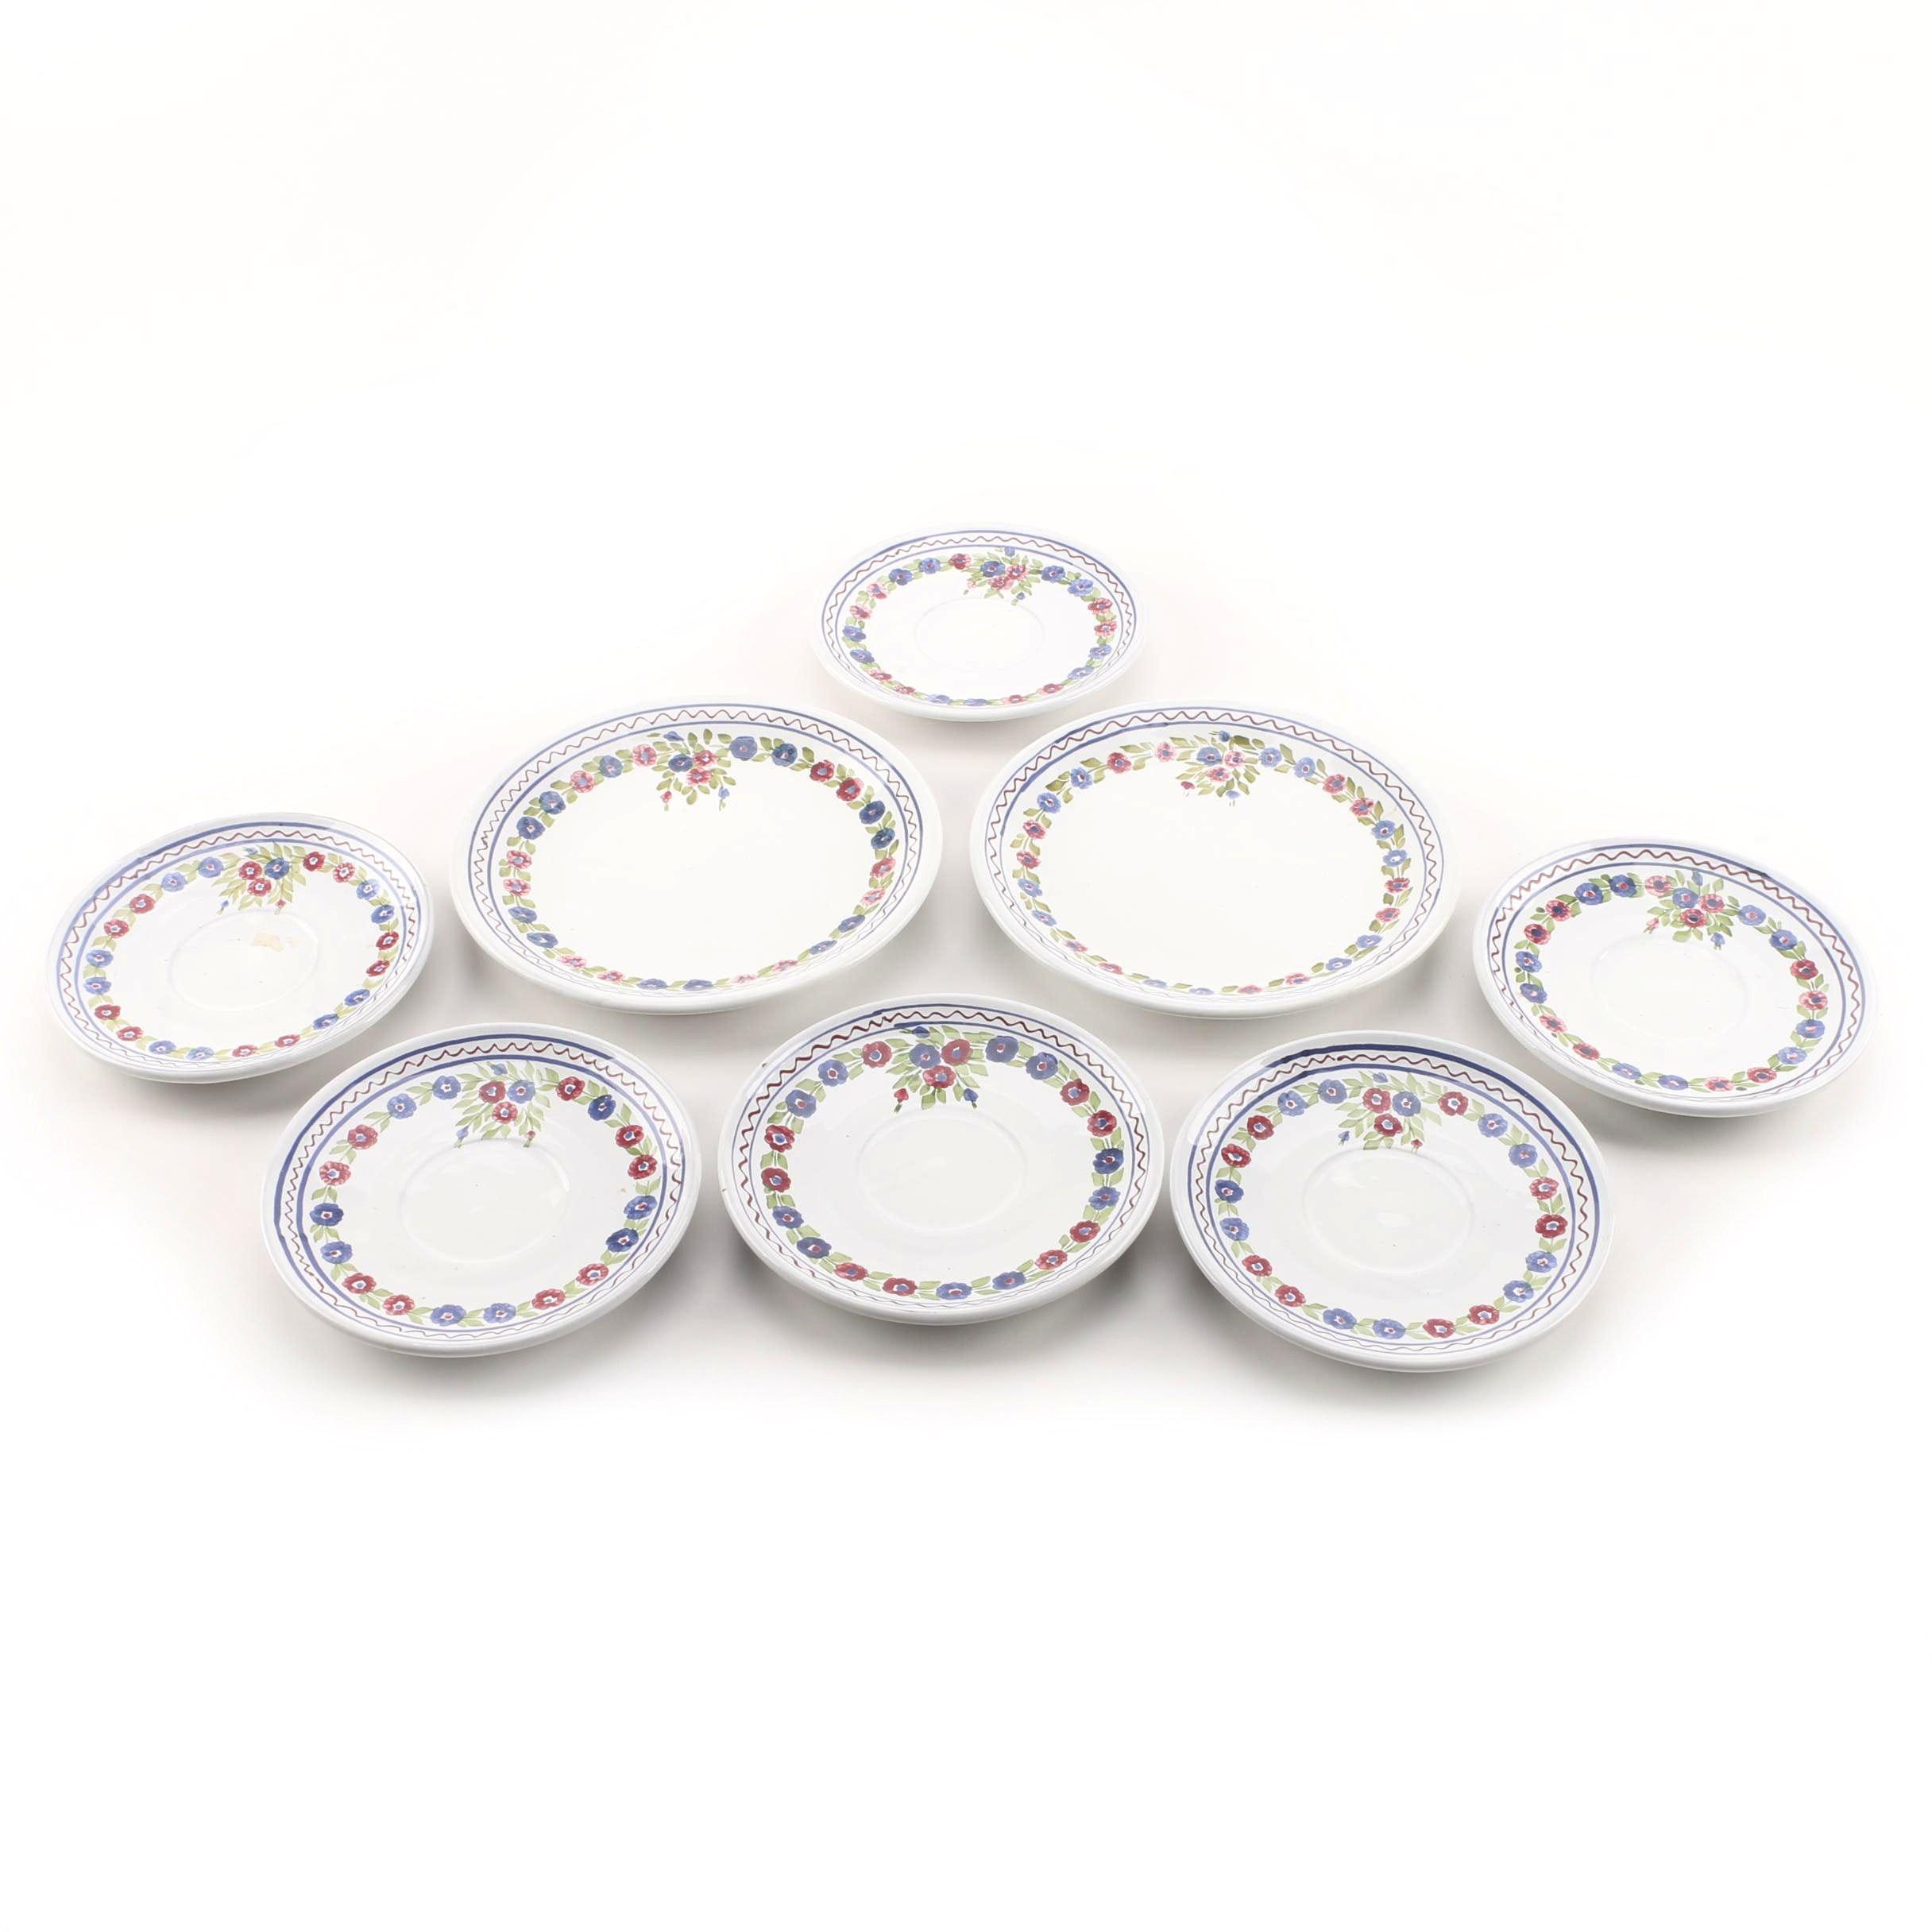 Városlõd Majolika Hand Painted Stoneware Plates